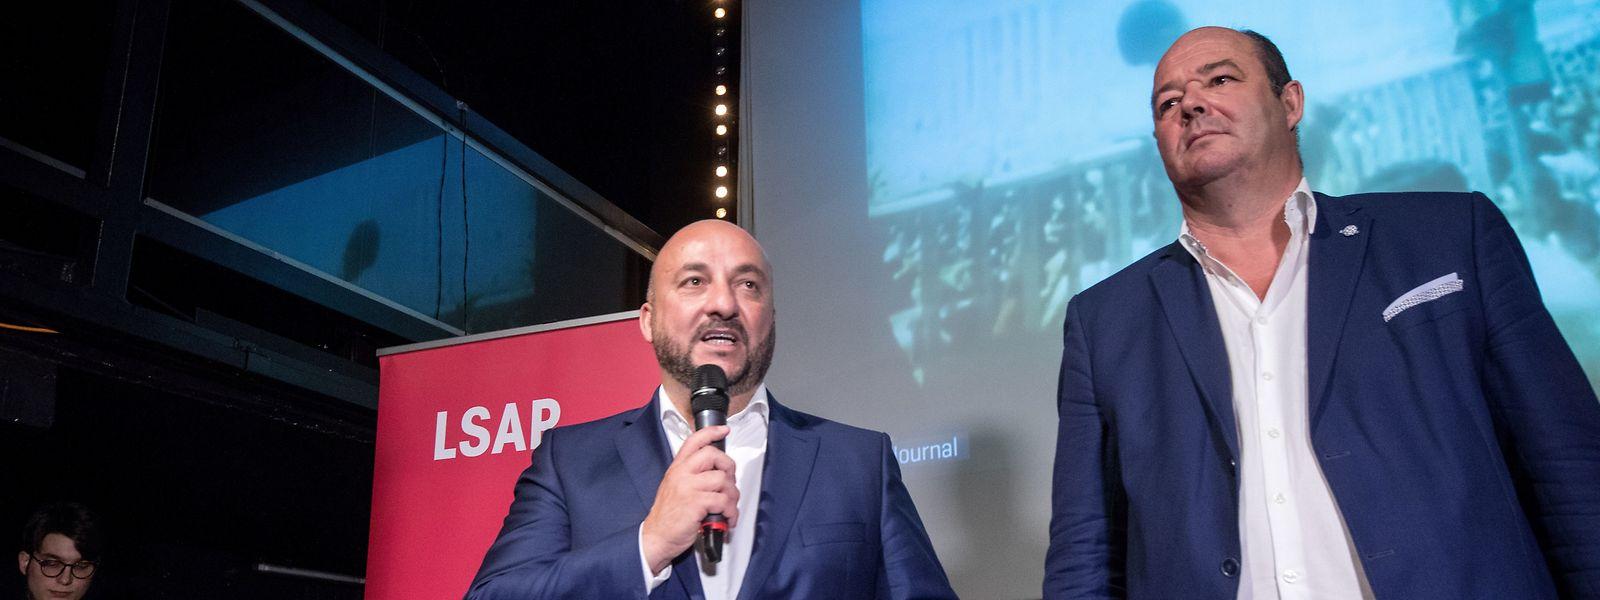 """""""Wir haben als Koalition ein Prozent Stimmen dazu gewonnen und noch immer eine Mehrheit"""", sagte Etienne Schneider am Wahlabend."""